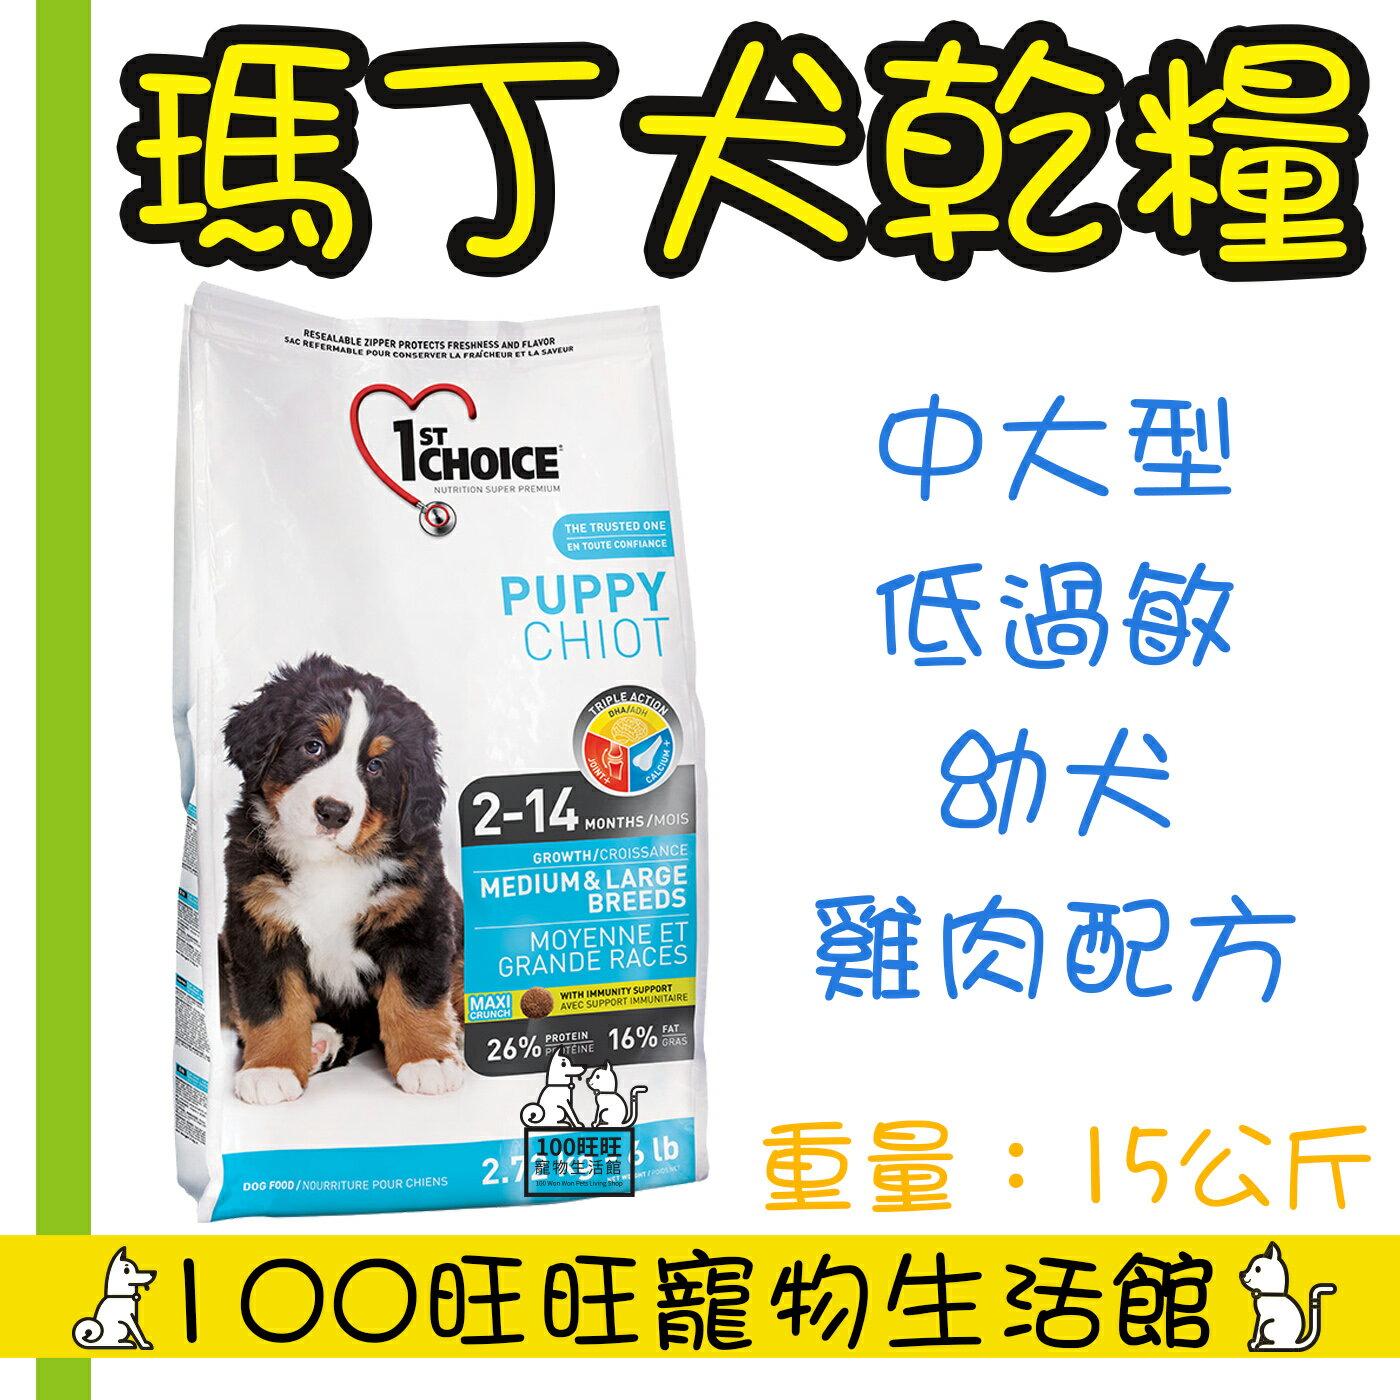 瑪丁 中大型 幼犬 15kg 2個月至14個月 雞肉配方